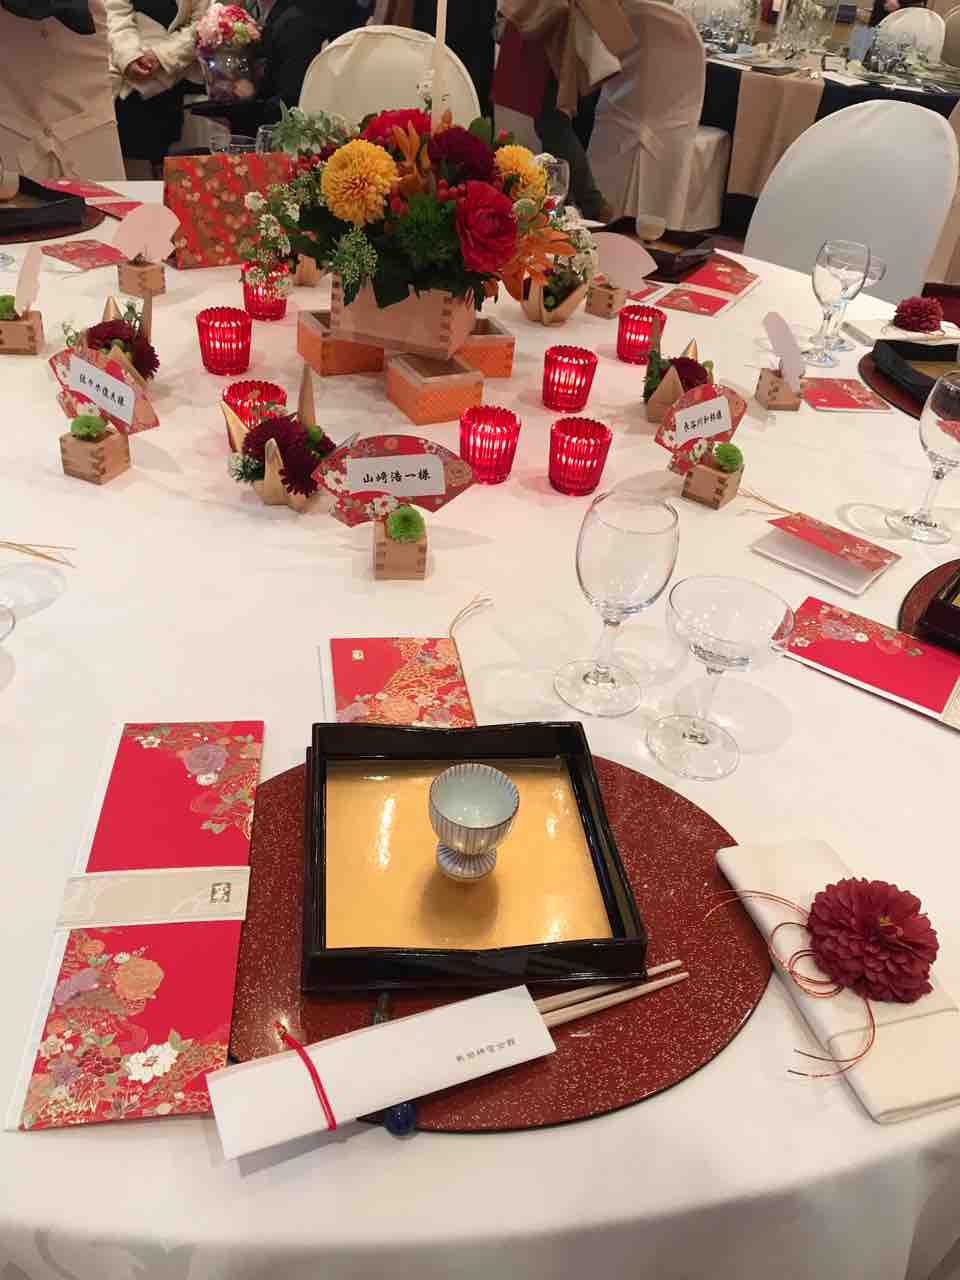 熱田神宮会館の、大結婚(ブライダルフェア)で見たテーブルコーディネートの見本